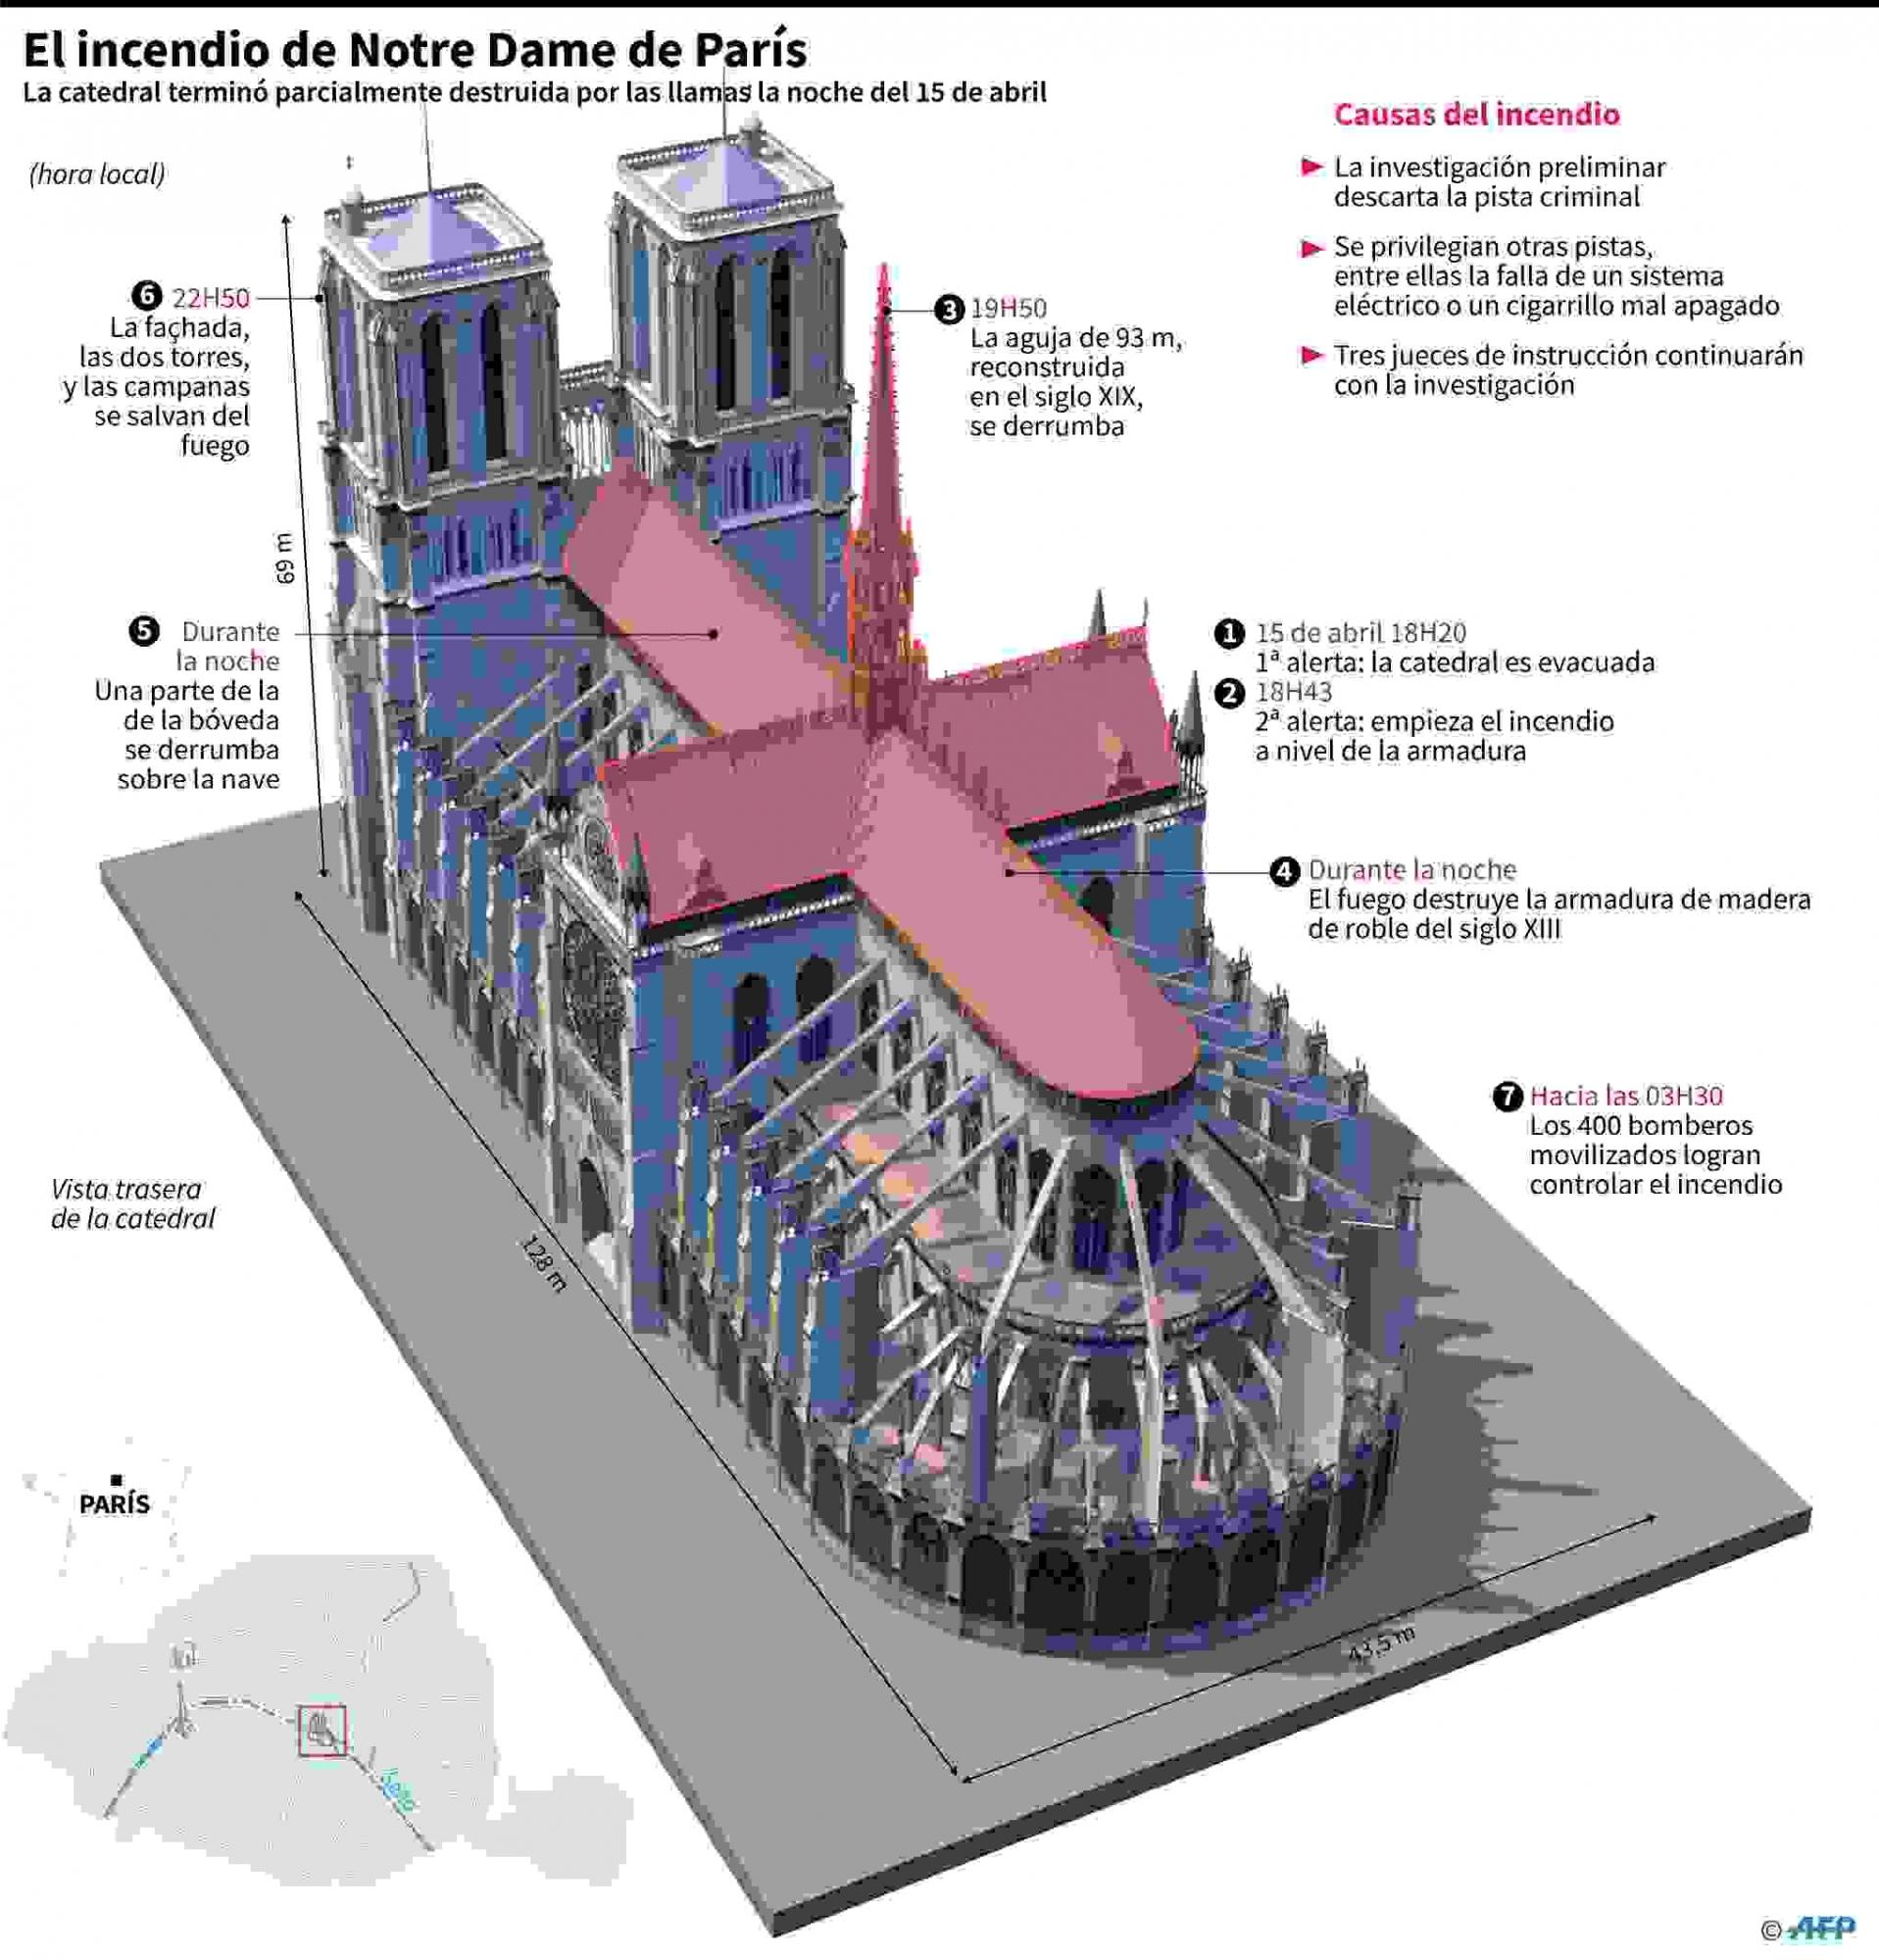 Gráfico en 3D de la catedral de Notre Dame de París, con el detalle de las etapas del incendio y las partes destruidas. AFP